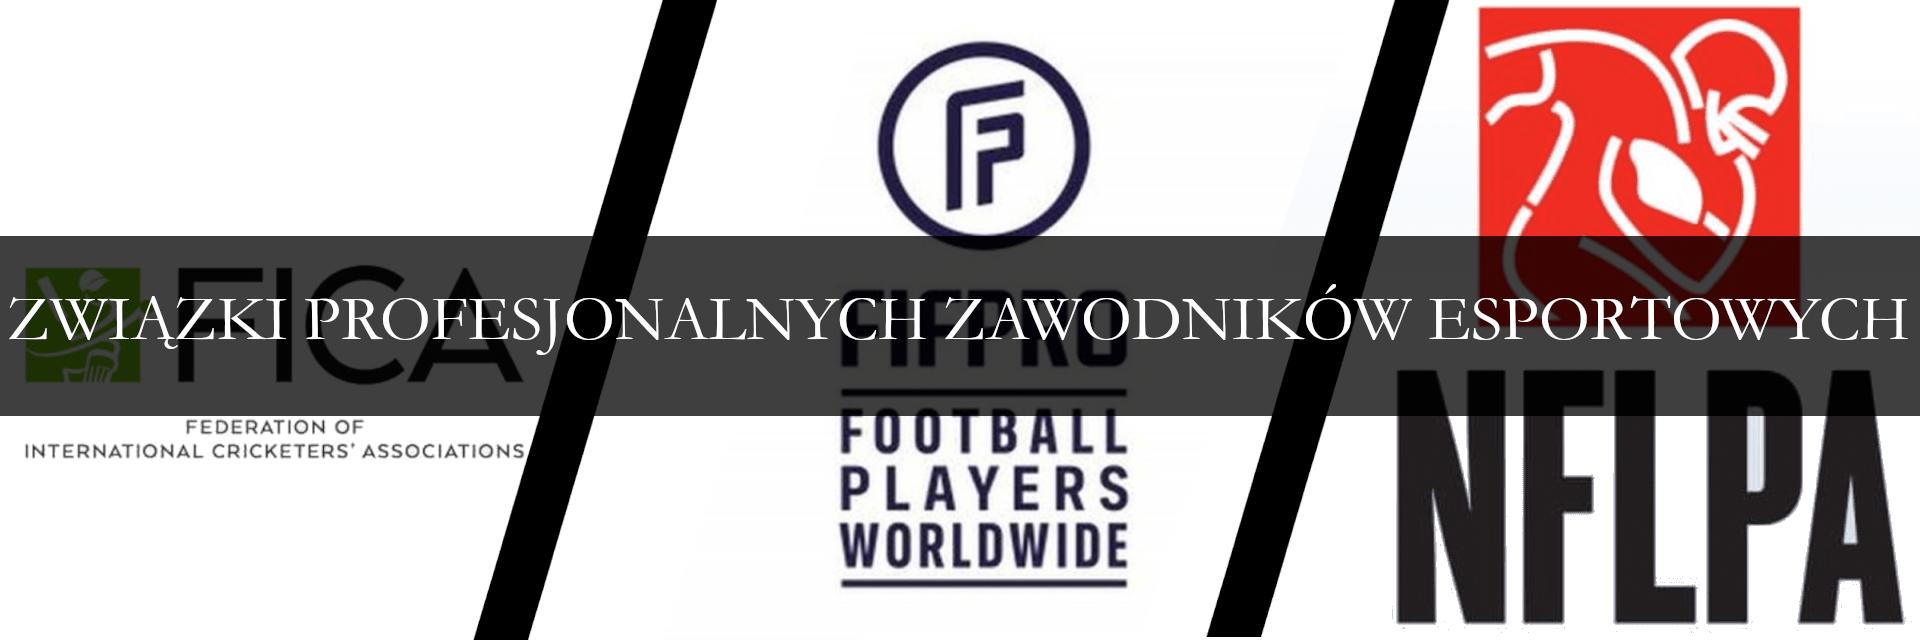 Związki profesjonalnych zawodników esportowych